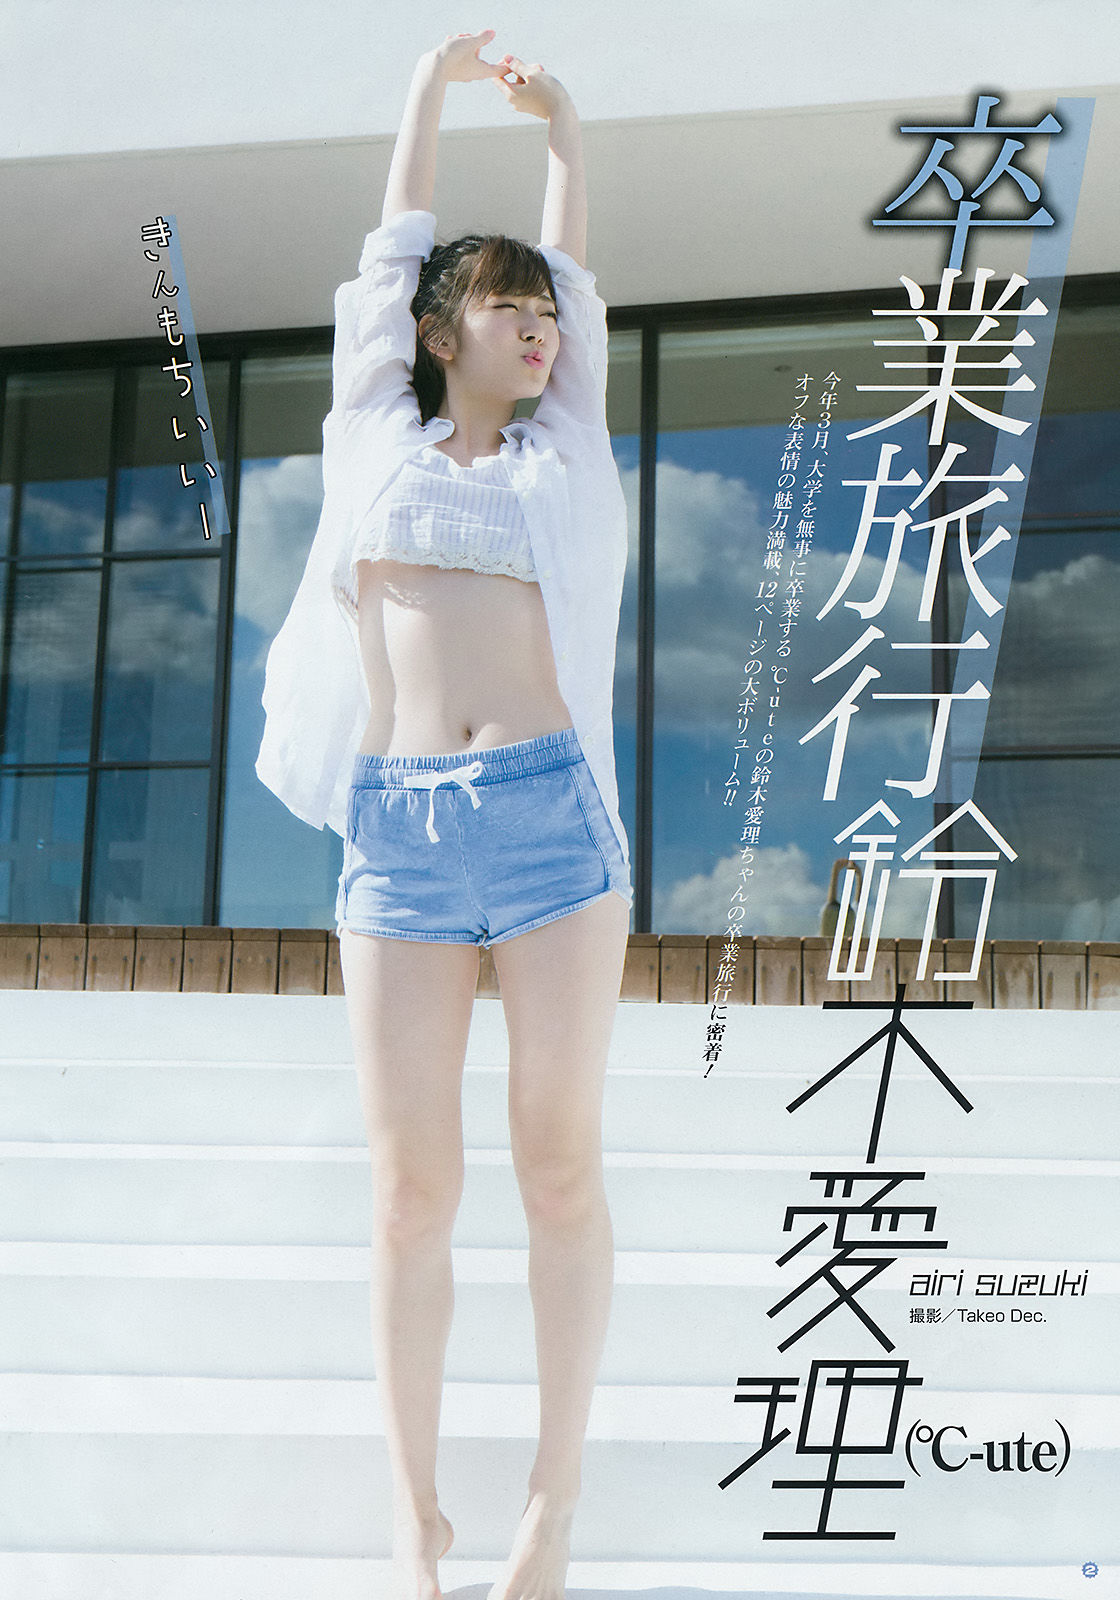 [Young Gangan杂志写真]铃木爱理超高清写真大图片(22P)|215热度